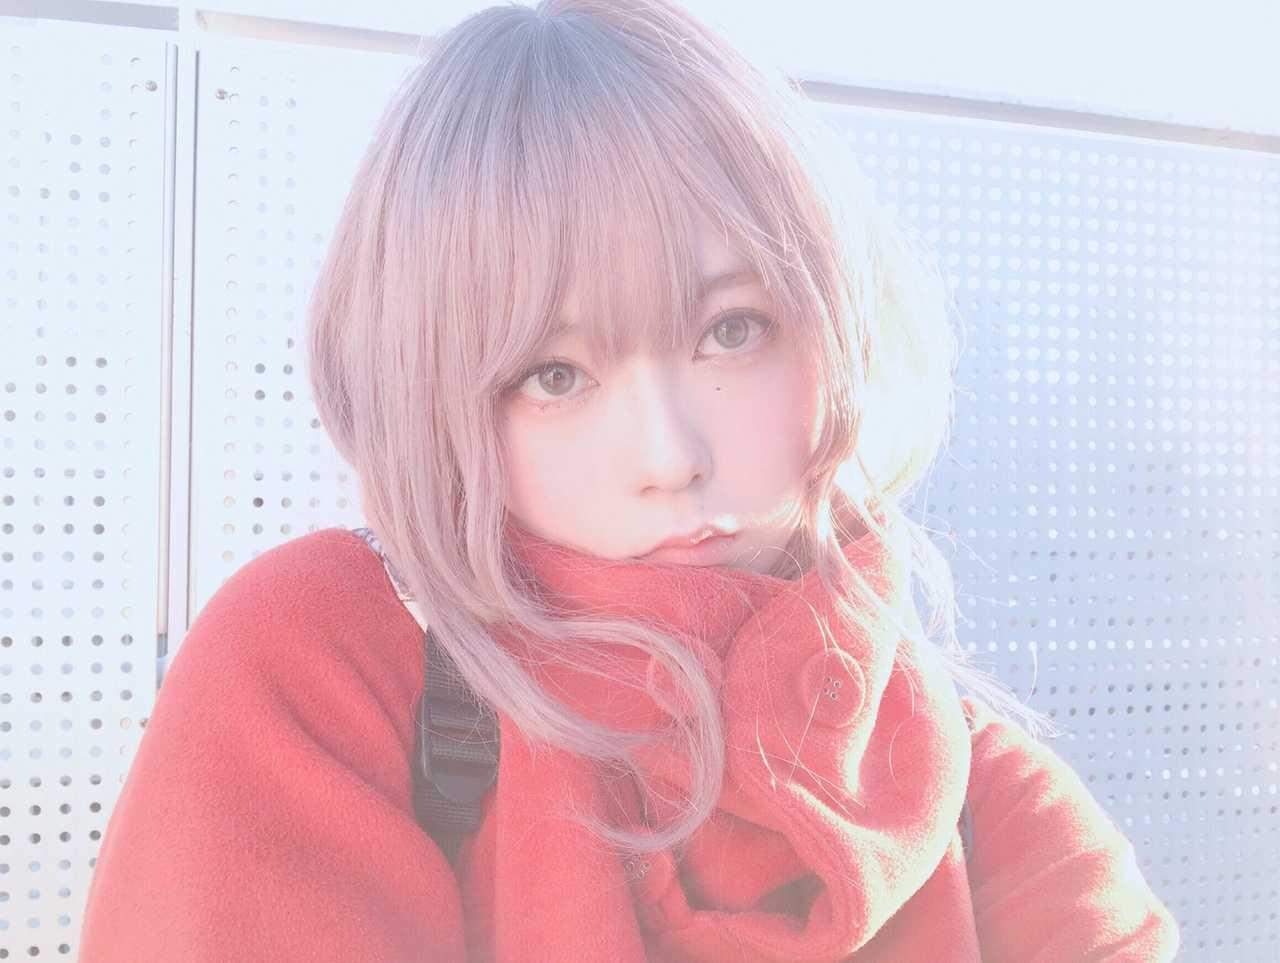 みゆはん、横浜流星が美しい涙を流す・・・ 切ないミュージックビデオが完成!